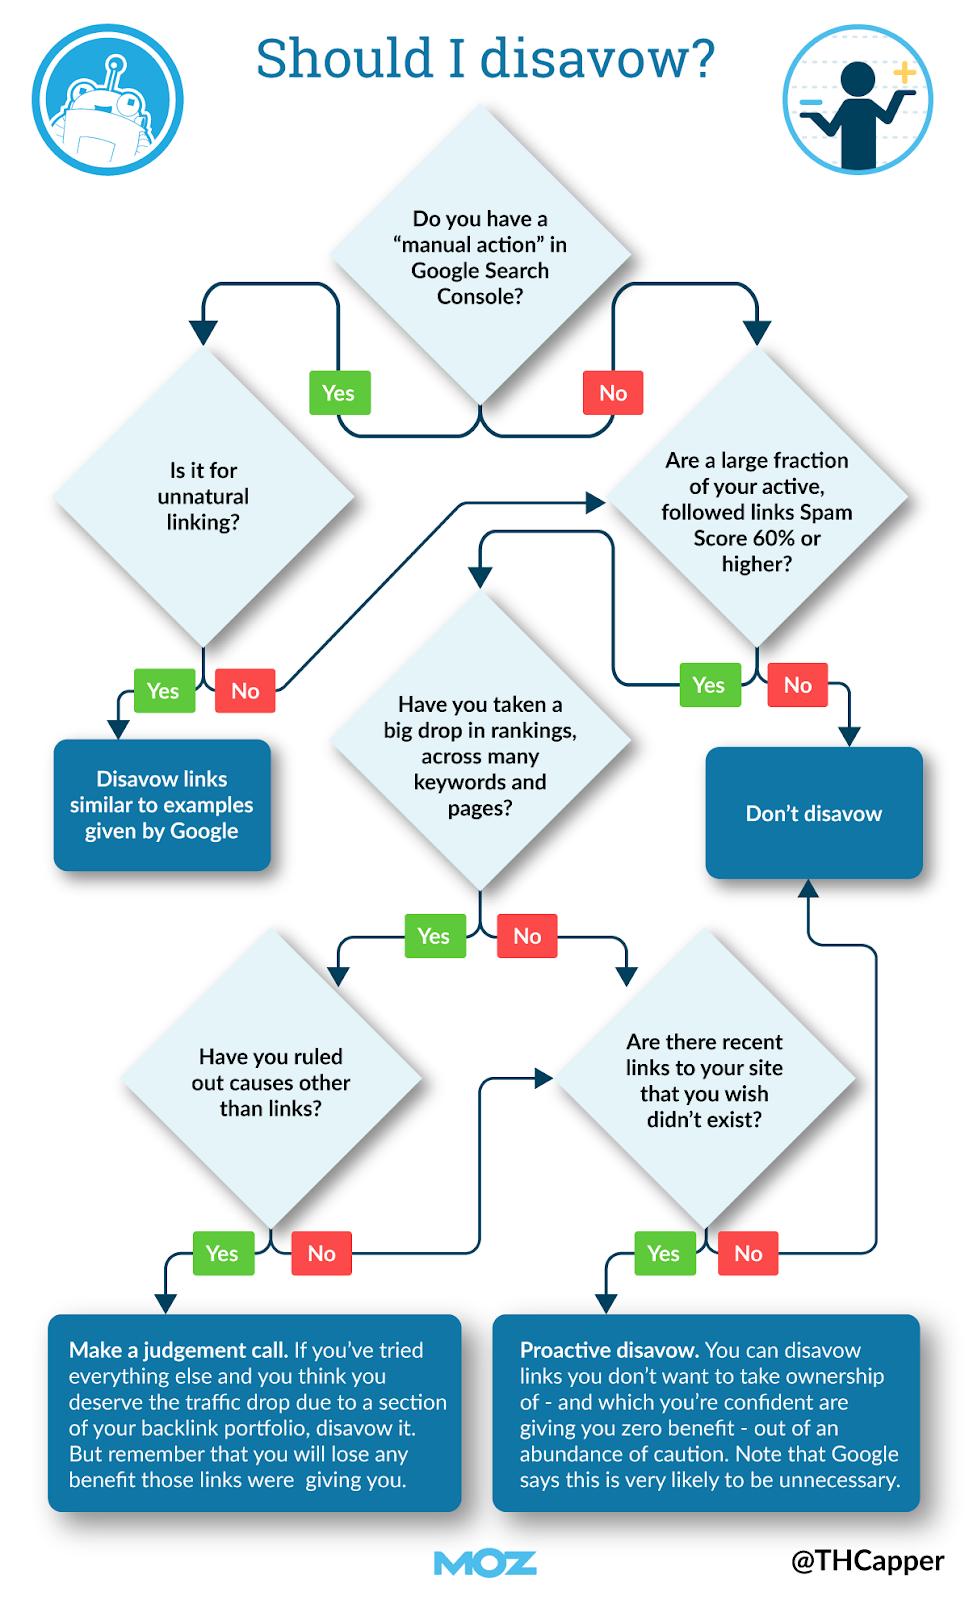 Алгоритм отклонения ссылок MOZ